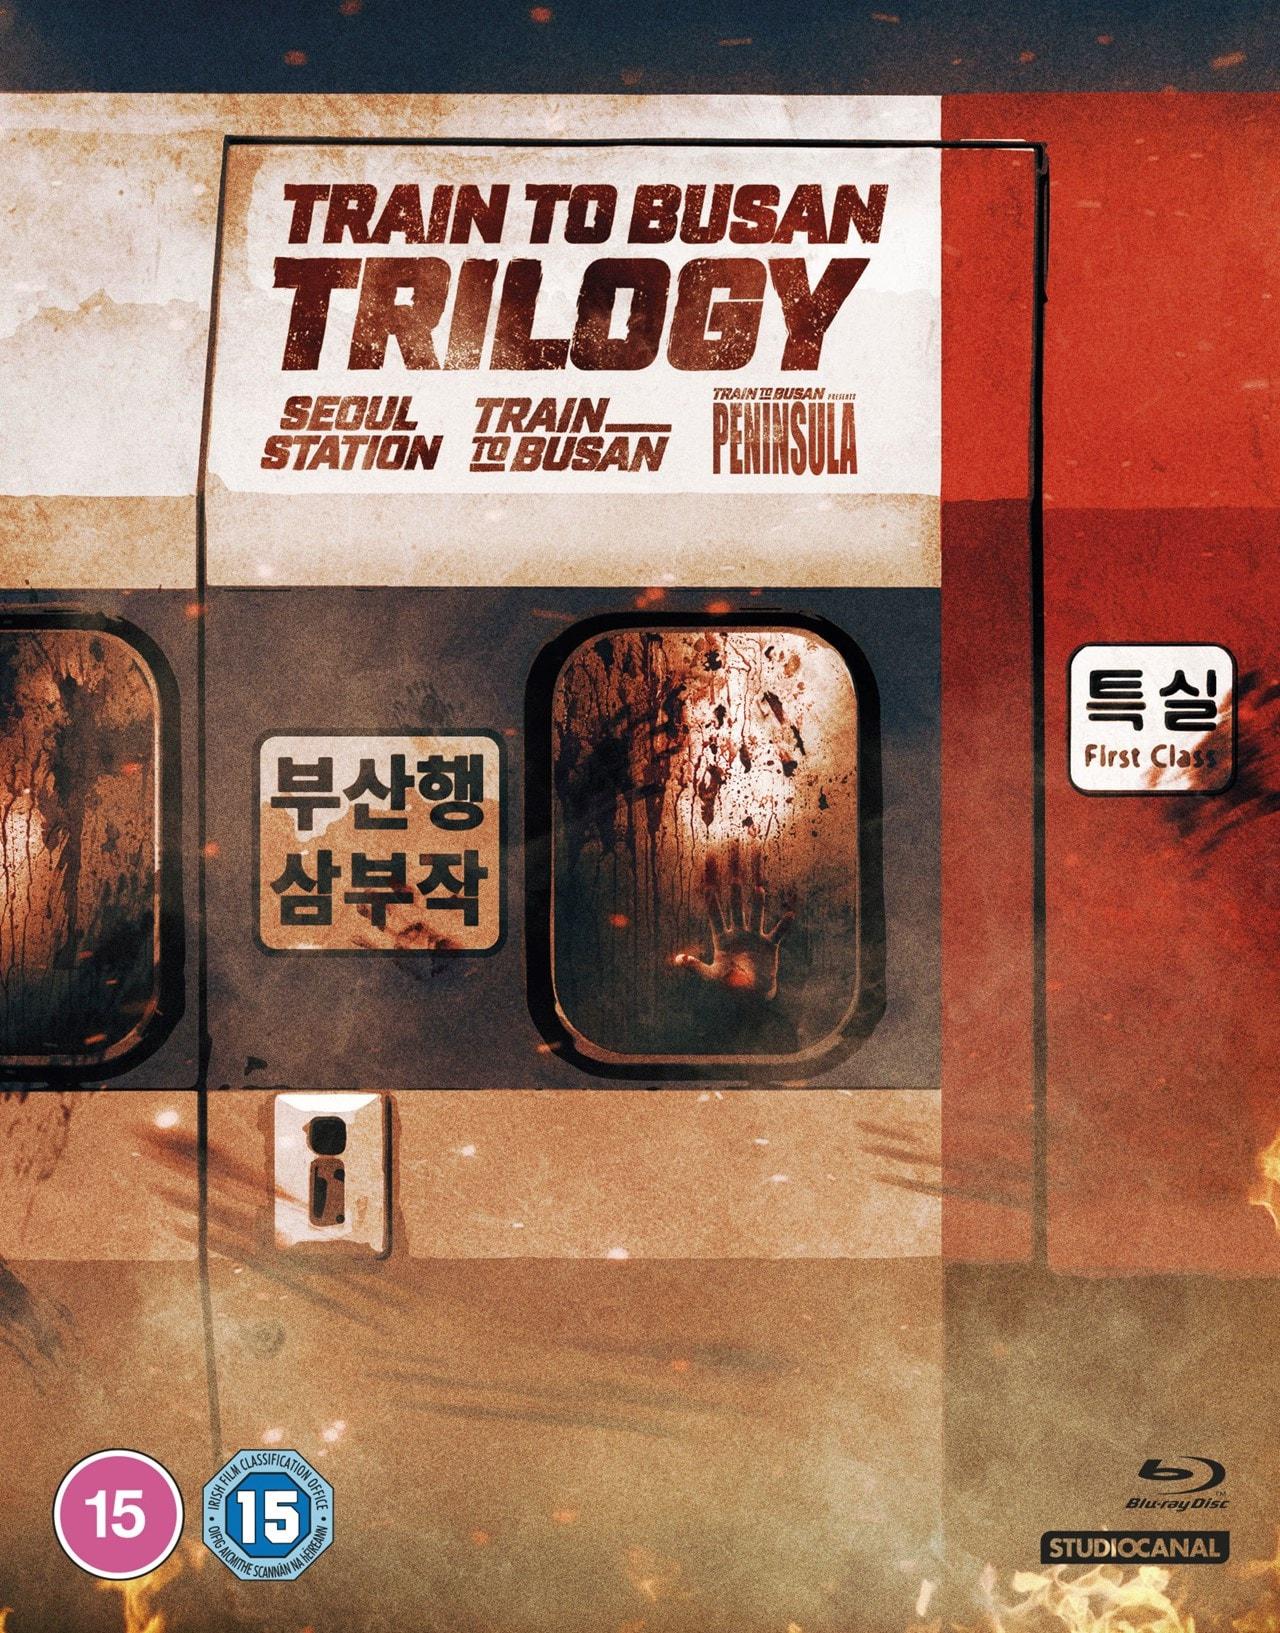 Train to Busan Trilogy - 1